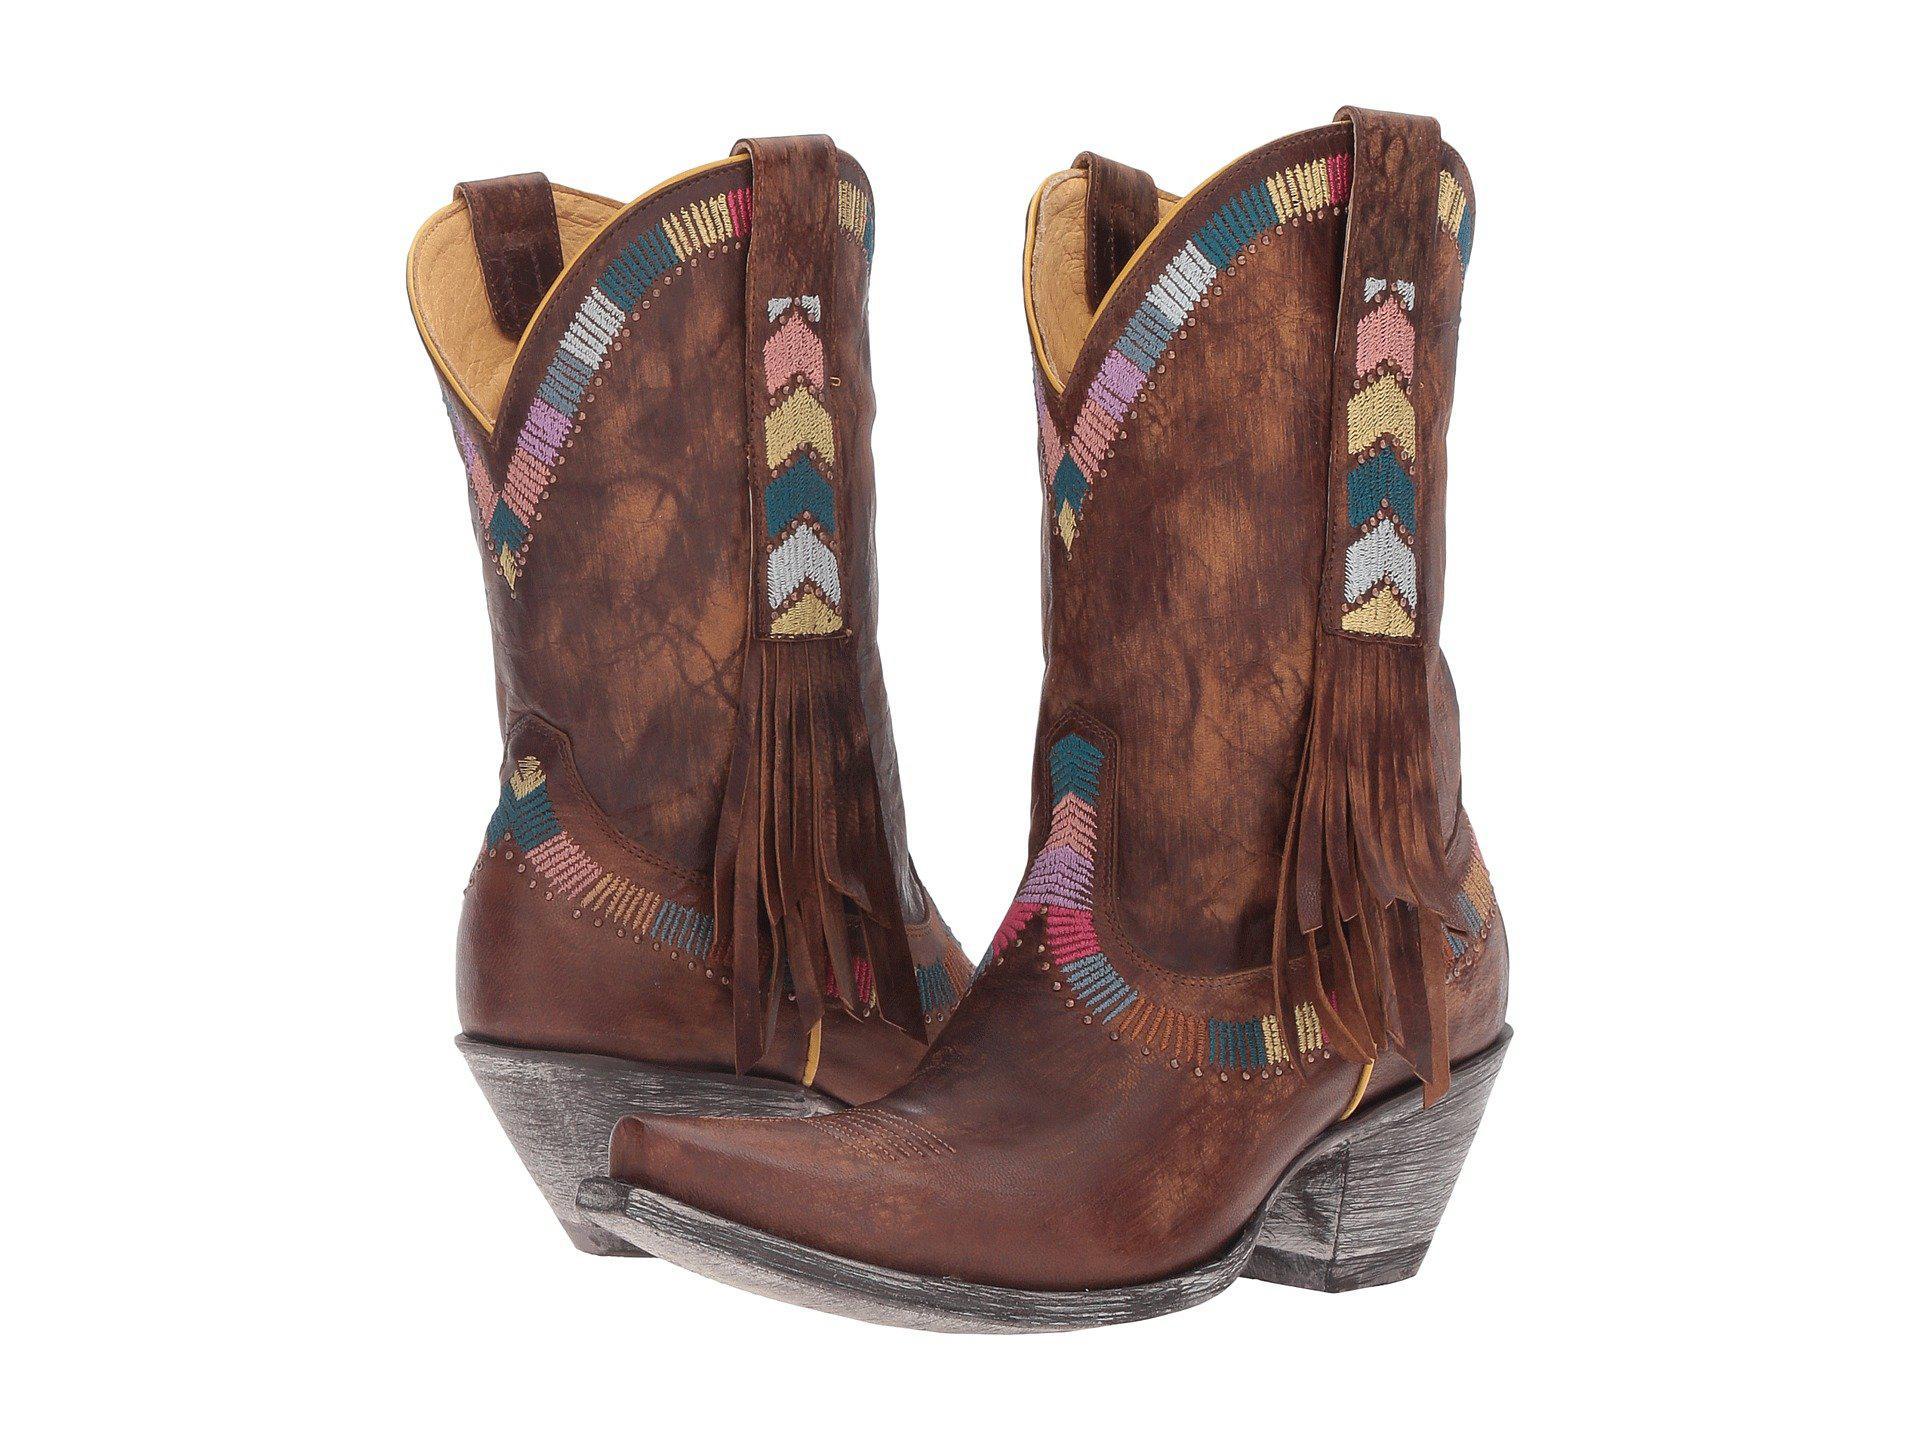 508f7b35ff4 Lyst old gringo persefone bone cowboy boots jpg 1920x1440 Old gringo bone